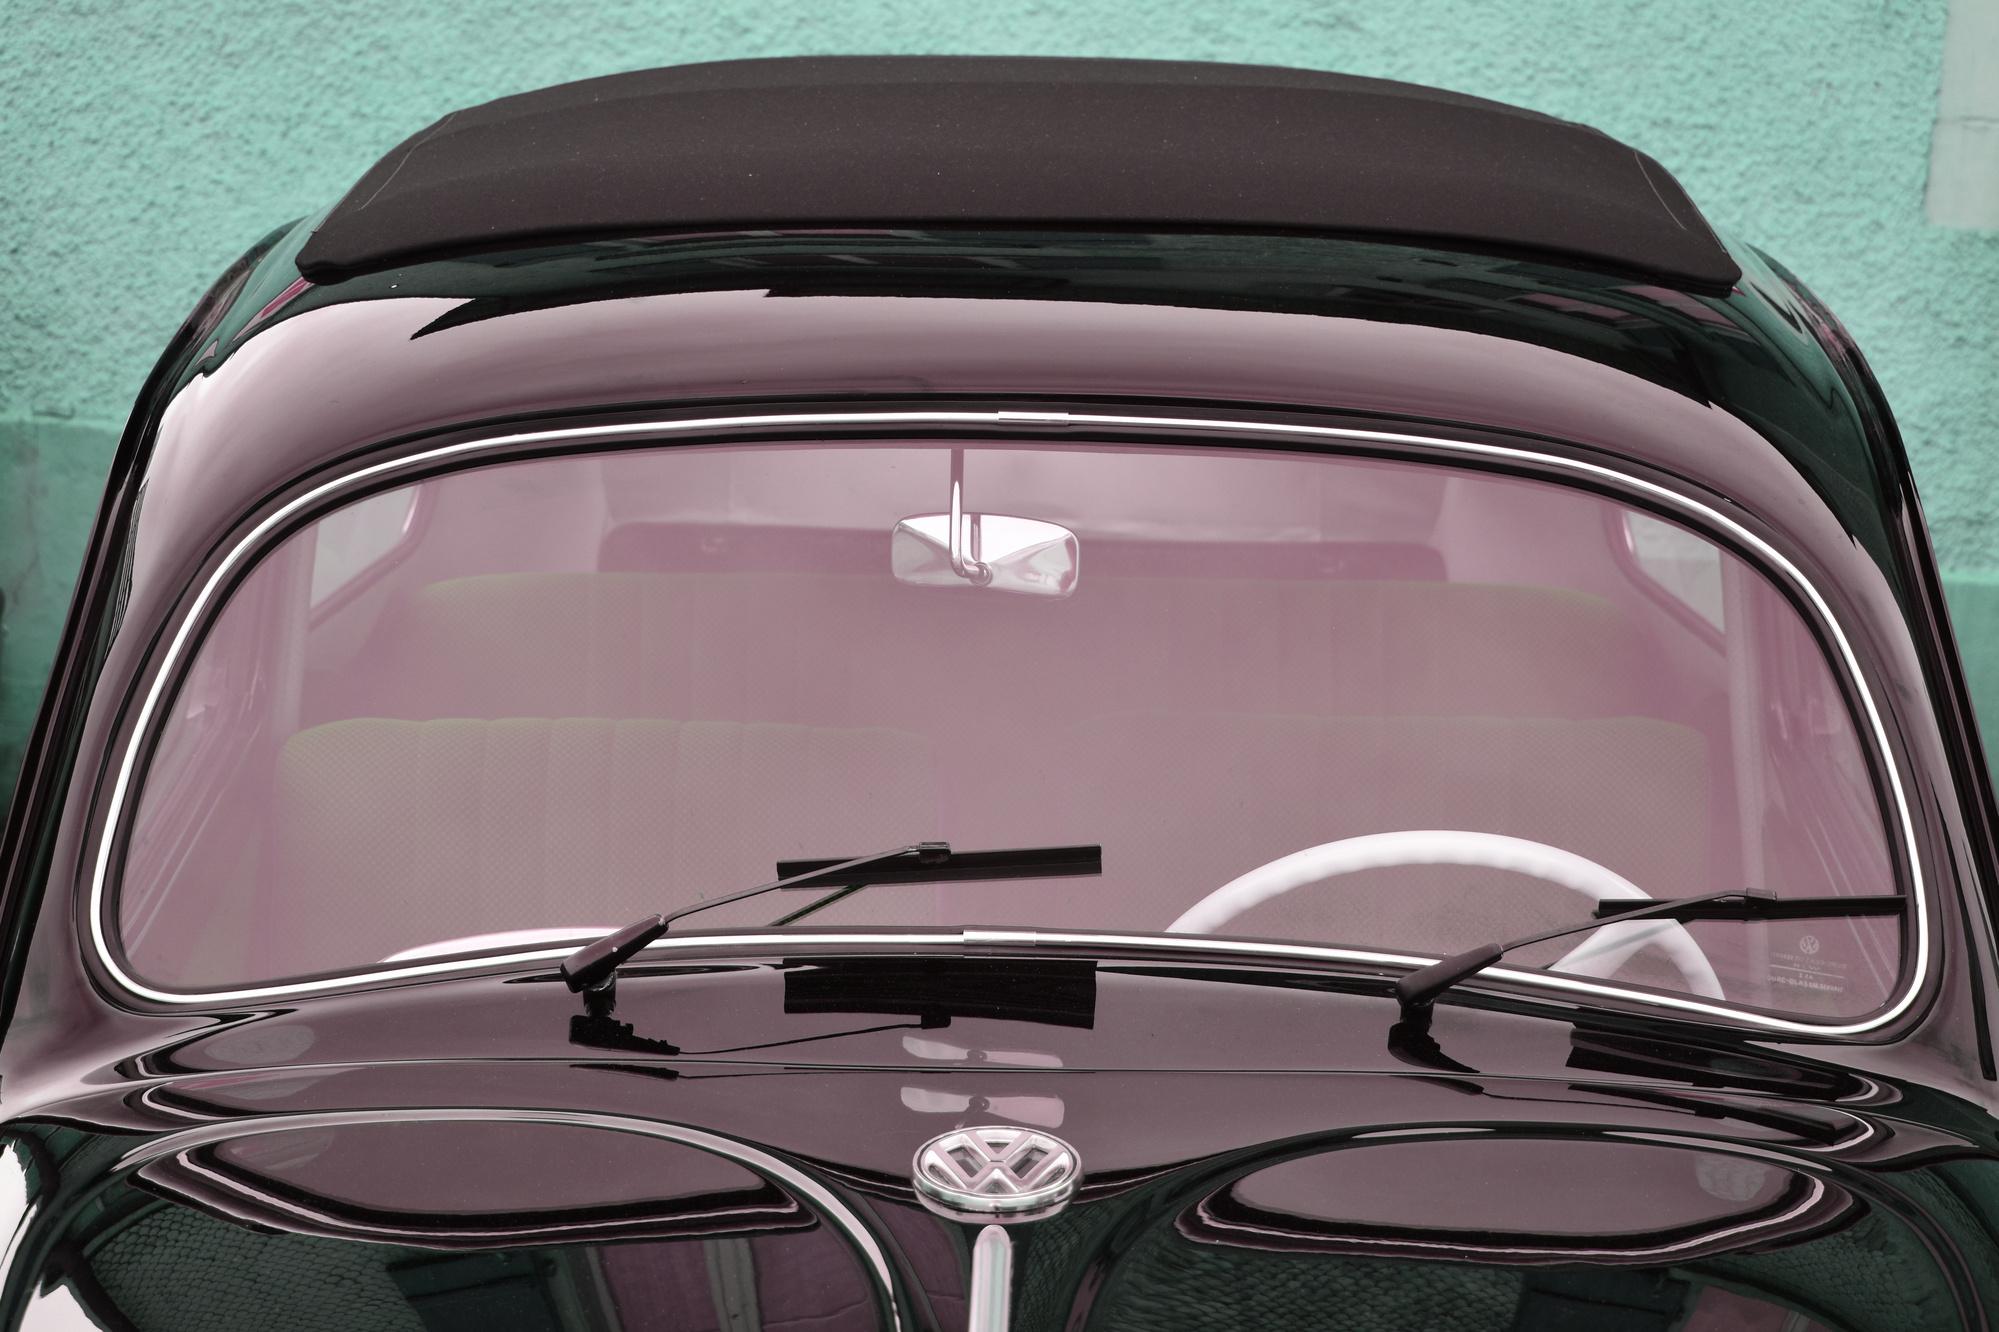 Schwarz roter VW Käfer Ovali in Frontansicht